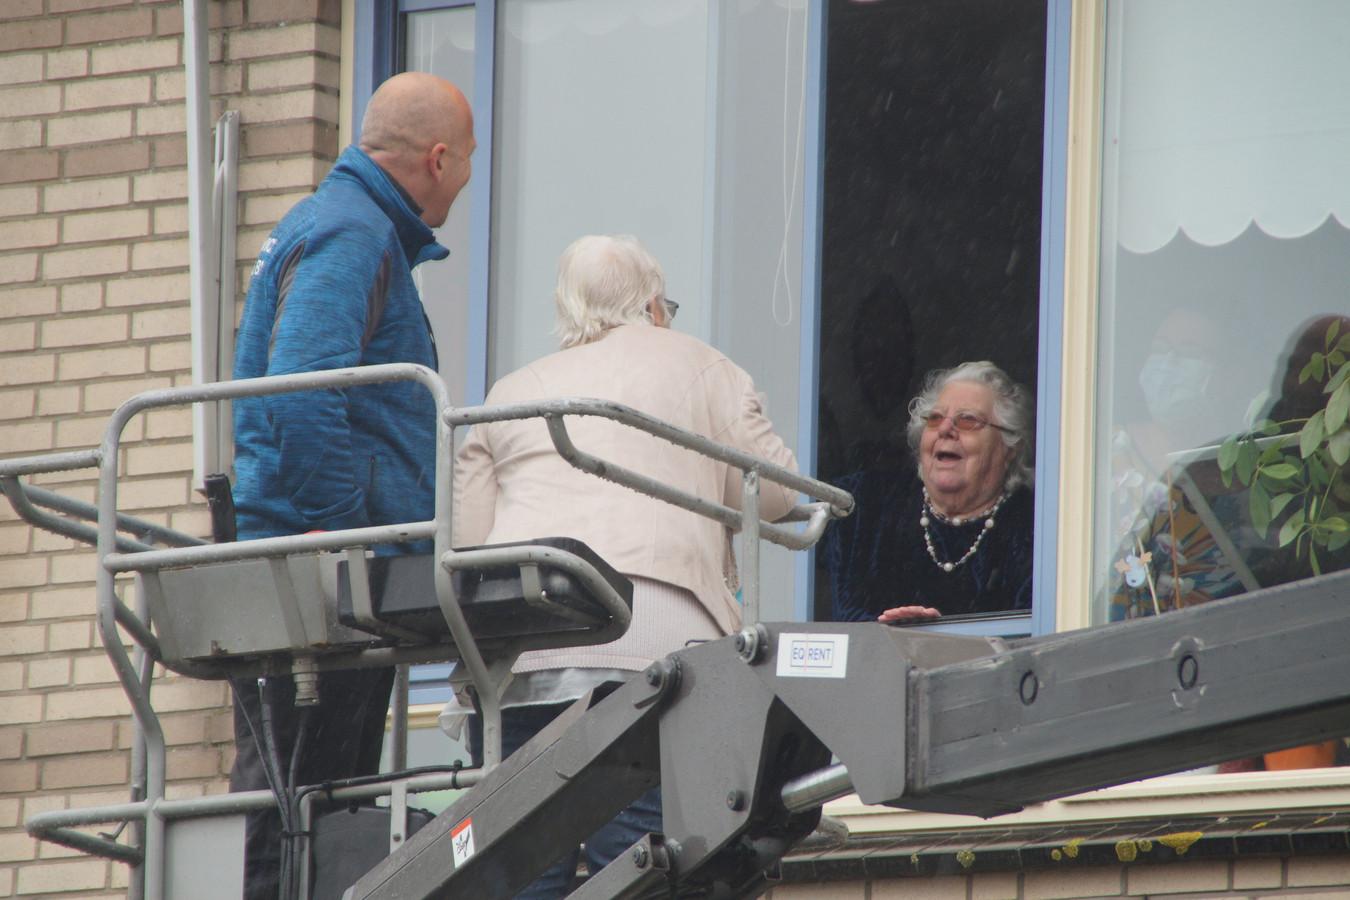 Wil-Mien van de Waart vierde haar 97ste verjaardag tijdens de coronacrisis. Ondanks het verbod op bezoek, ging woonzorgcentrum Bernissesteyn in Zuidland creatief met haar verjaardag om.